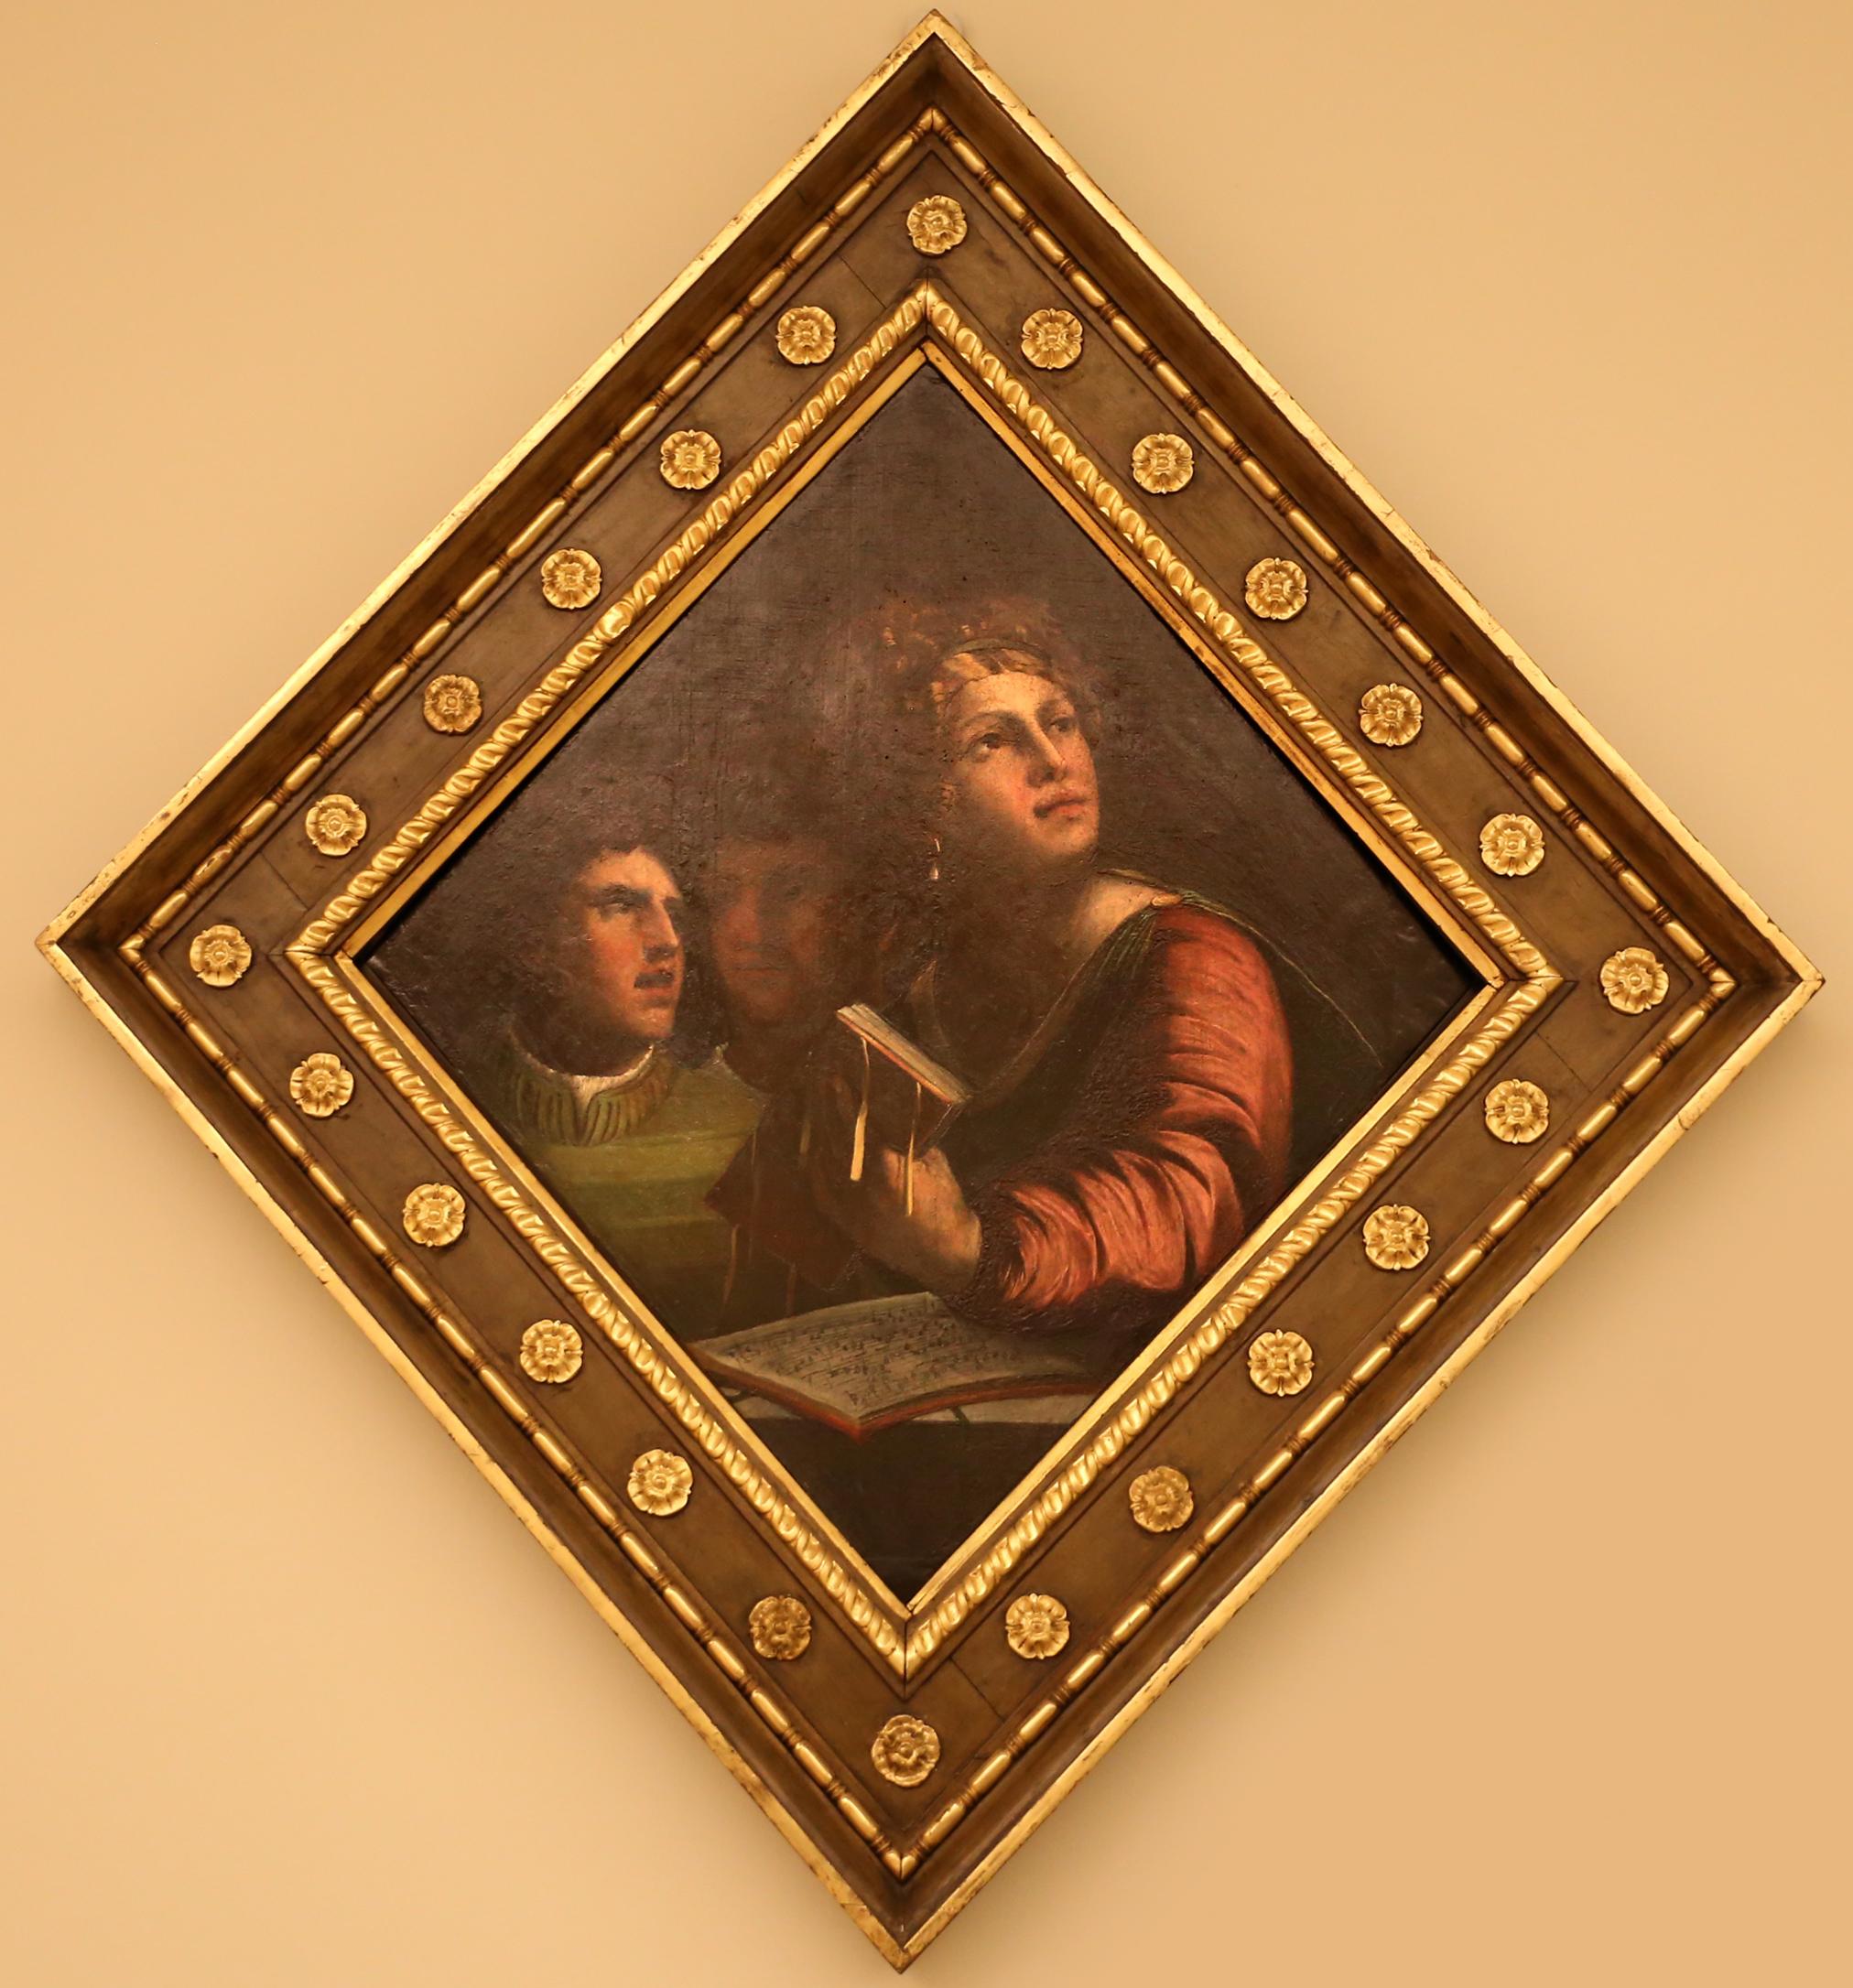 File dosso dossi formelle del soffitto della camera da letto di alfonso i d 39 este 1520 22 - I segreti della camera da letto ...